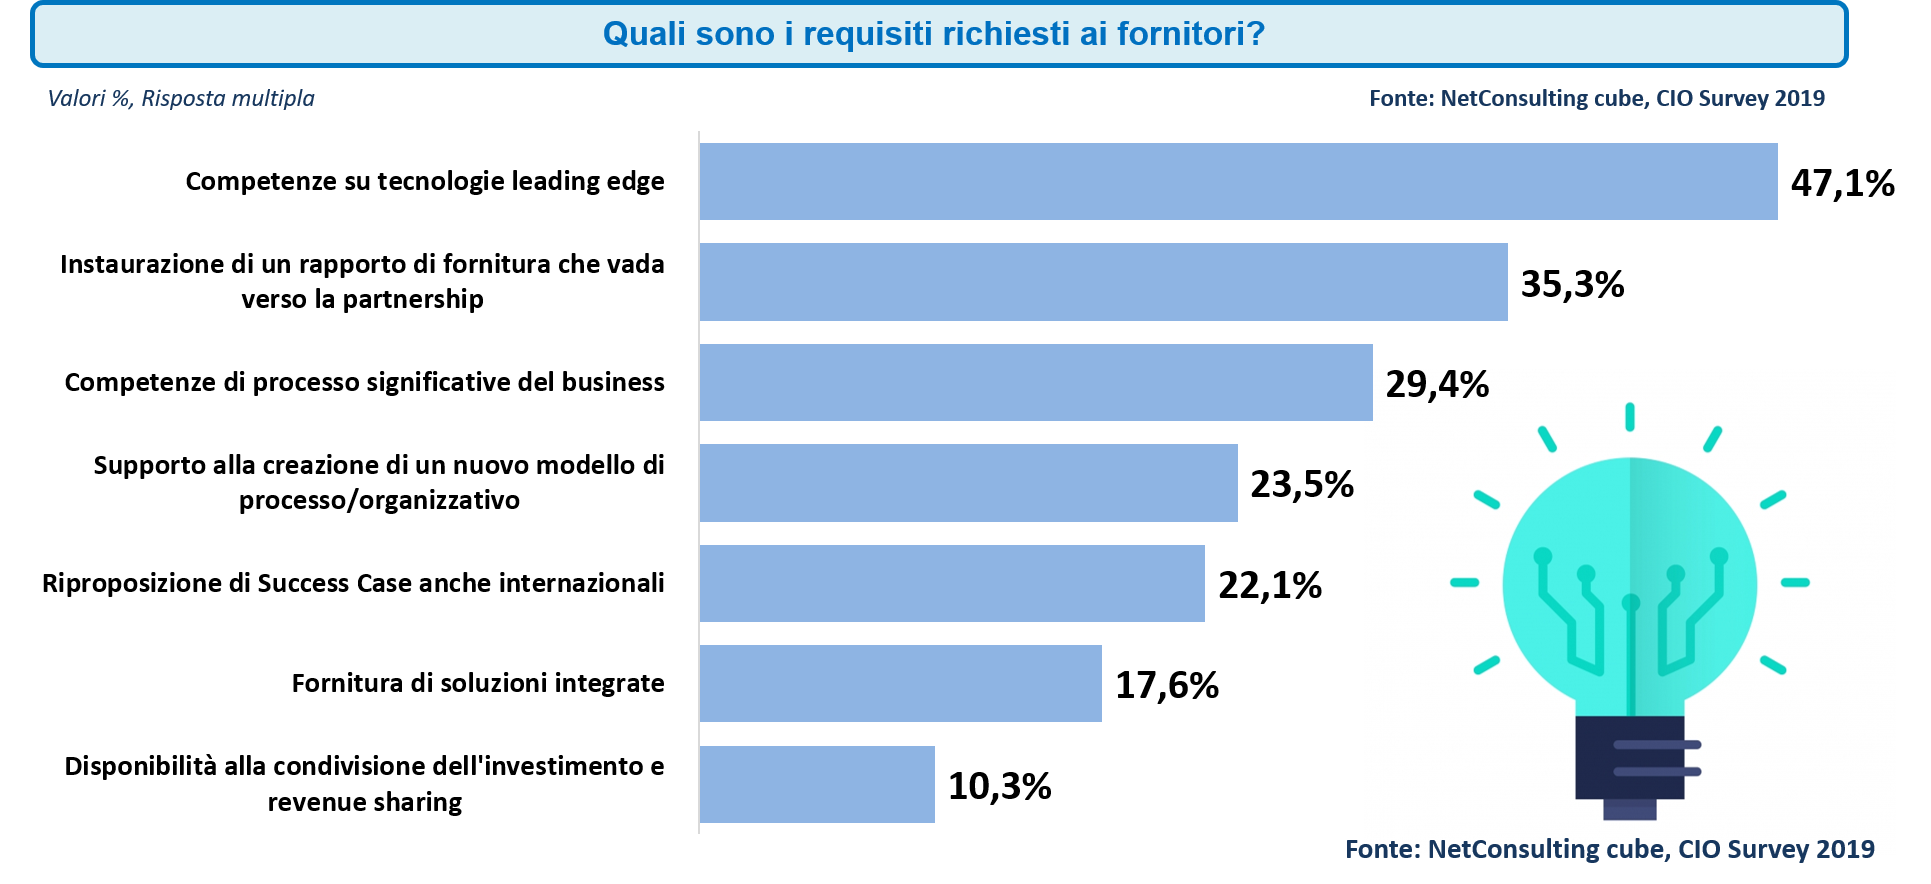 Il supporto dei vendor -Fonte: NetConsulting cube, CIO Survey 2019